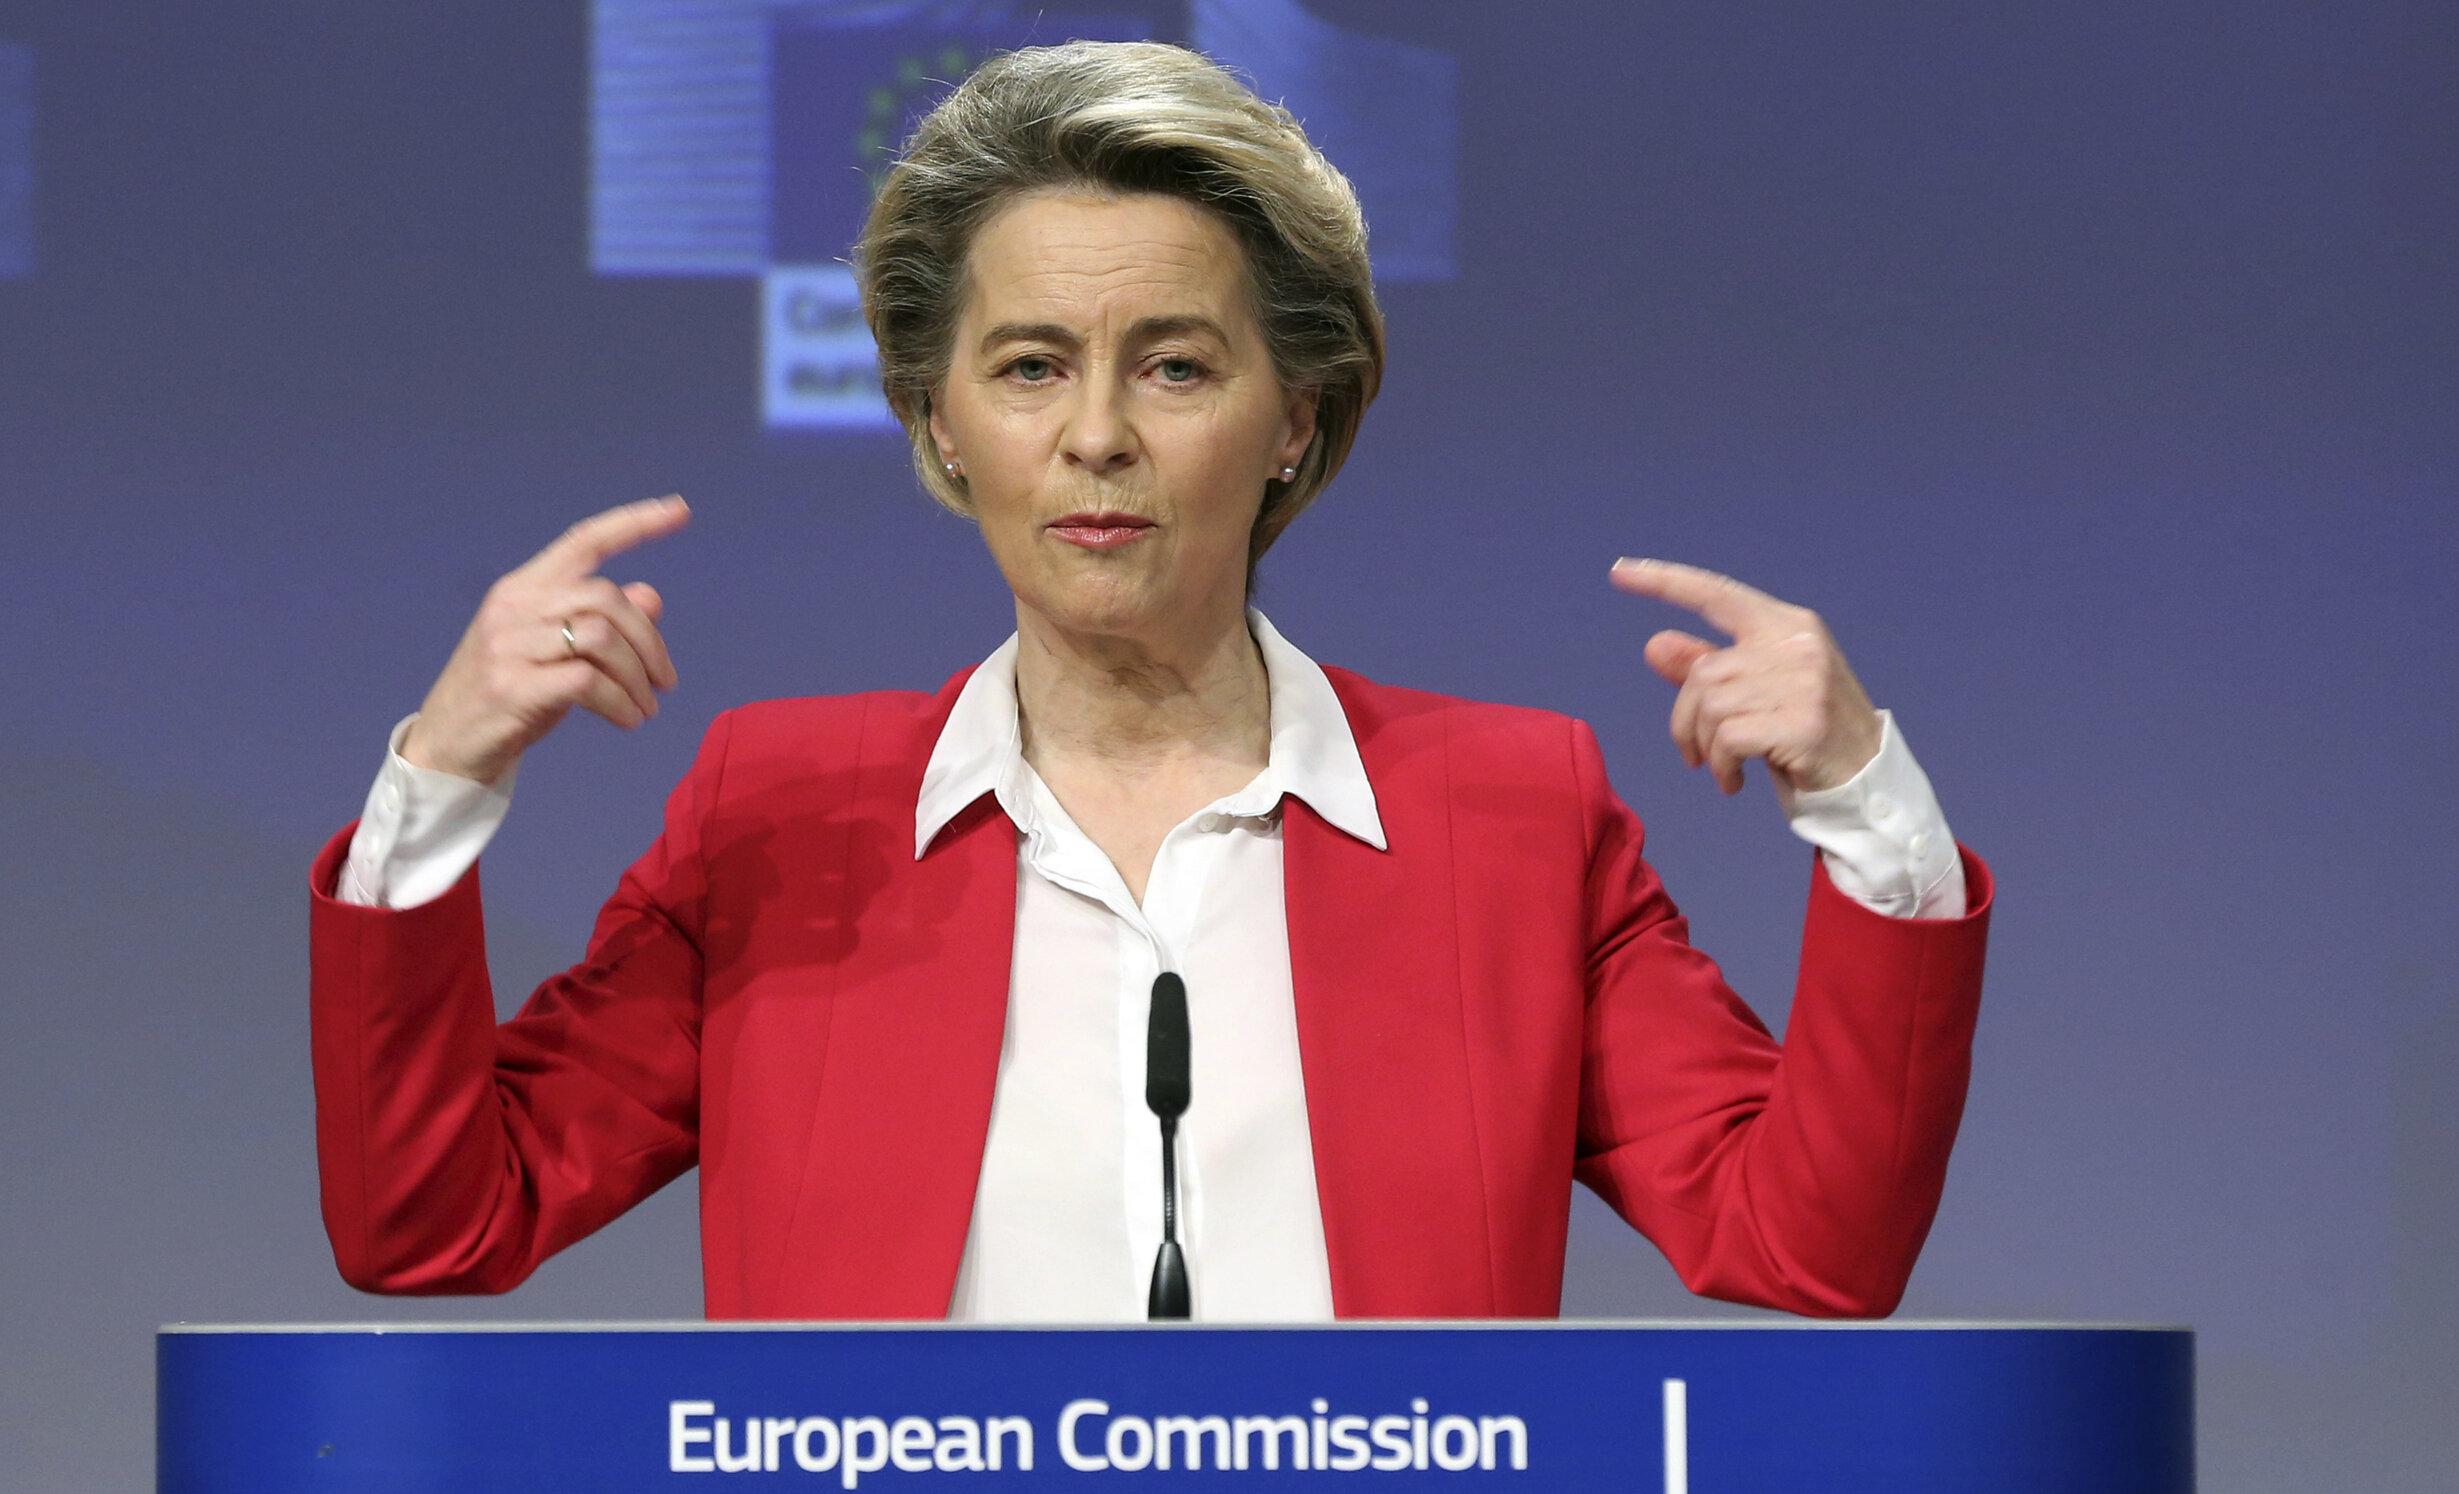 """Certificatul de vaccinare, aproape de a deveni realitate. Ursula von den Leyen dă aviz favorabil unui document european """"comun"""""""